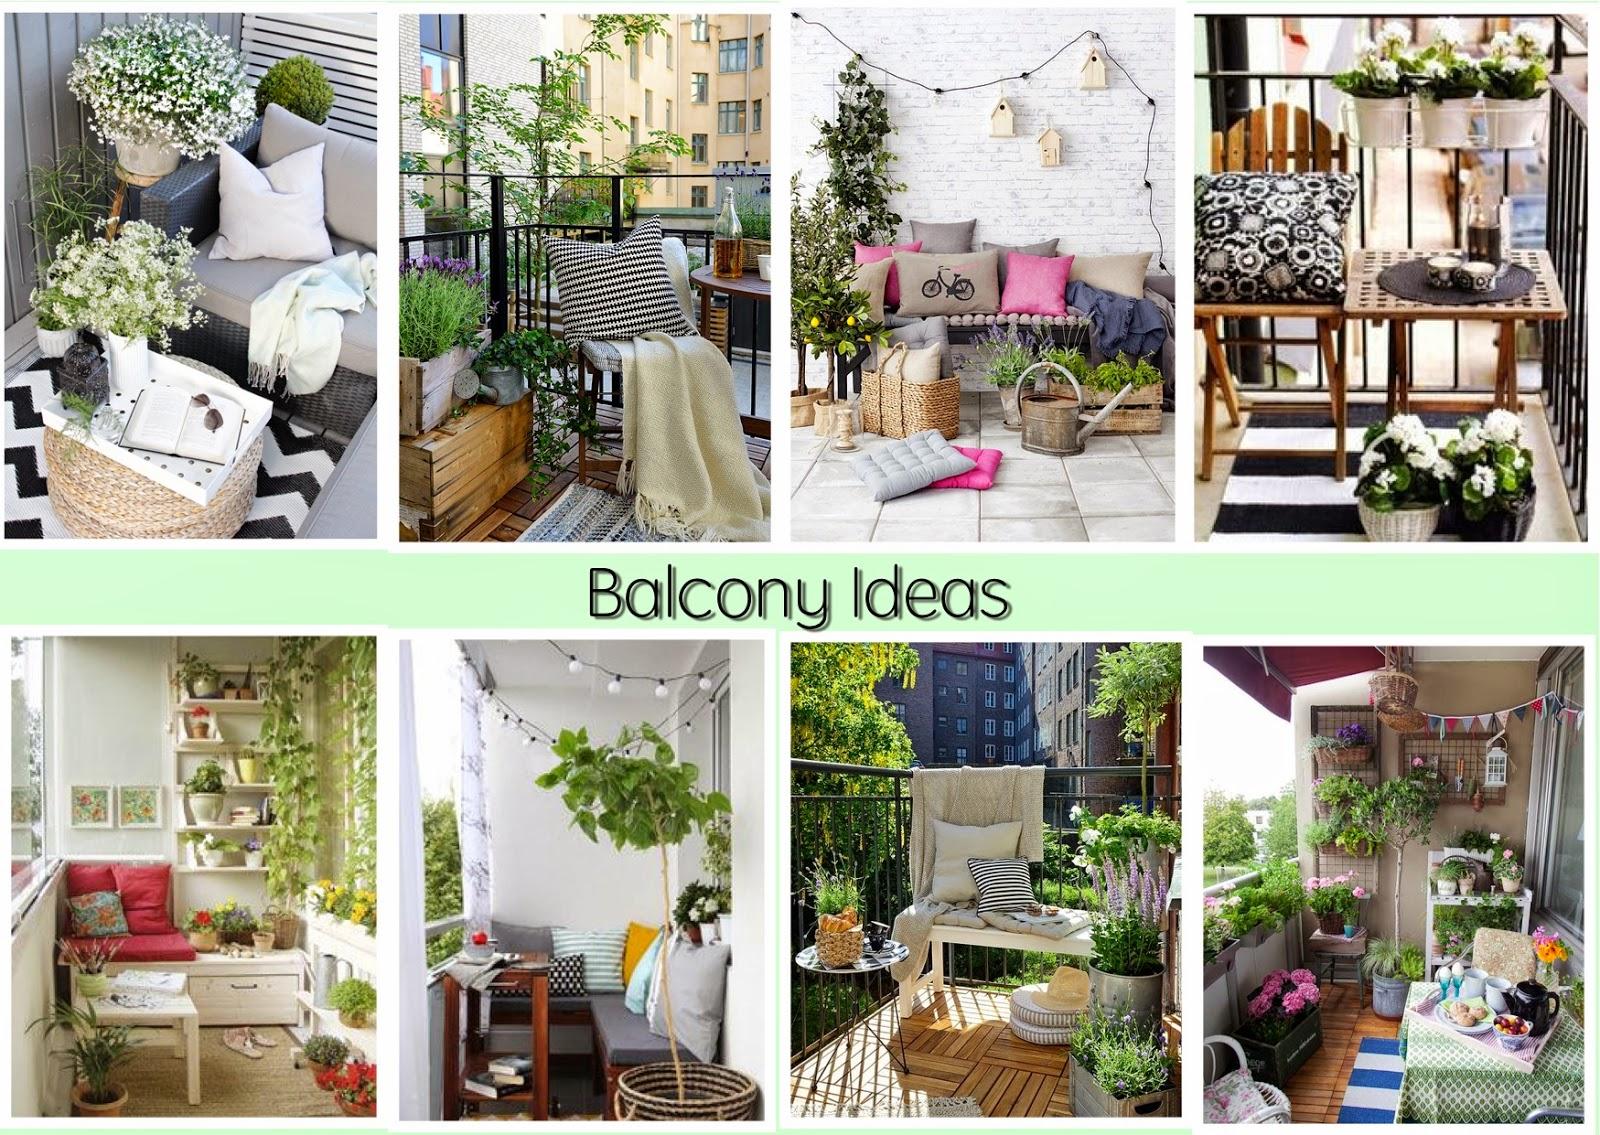 Arredo balcone piccolo idee per arredare terrazzo piccolo for Arredare balconi piccoli